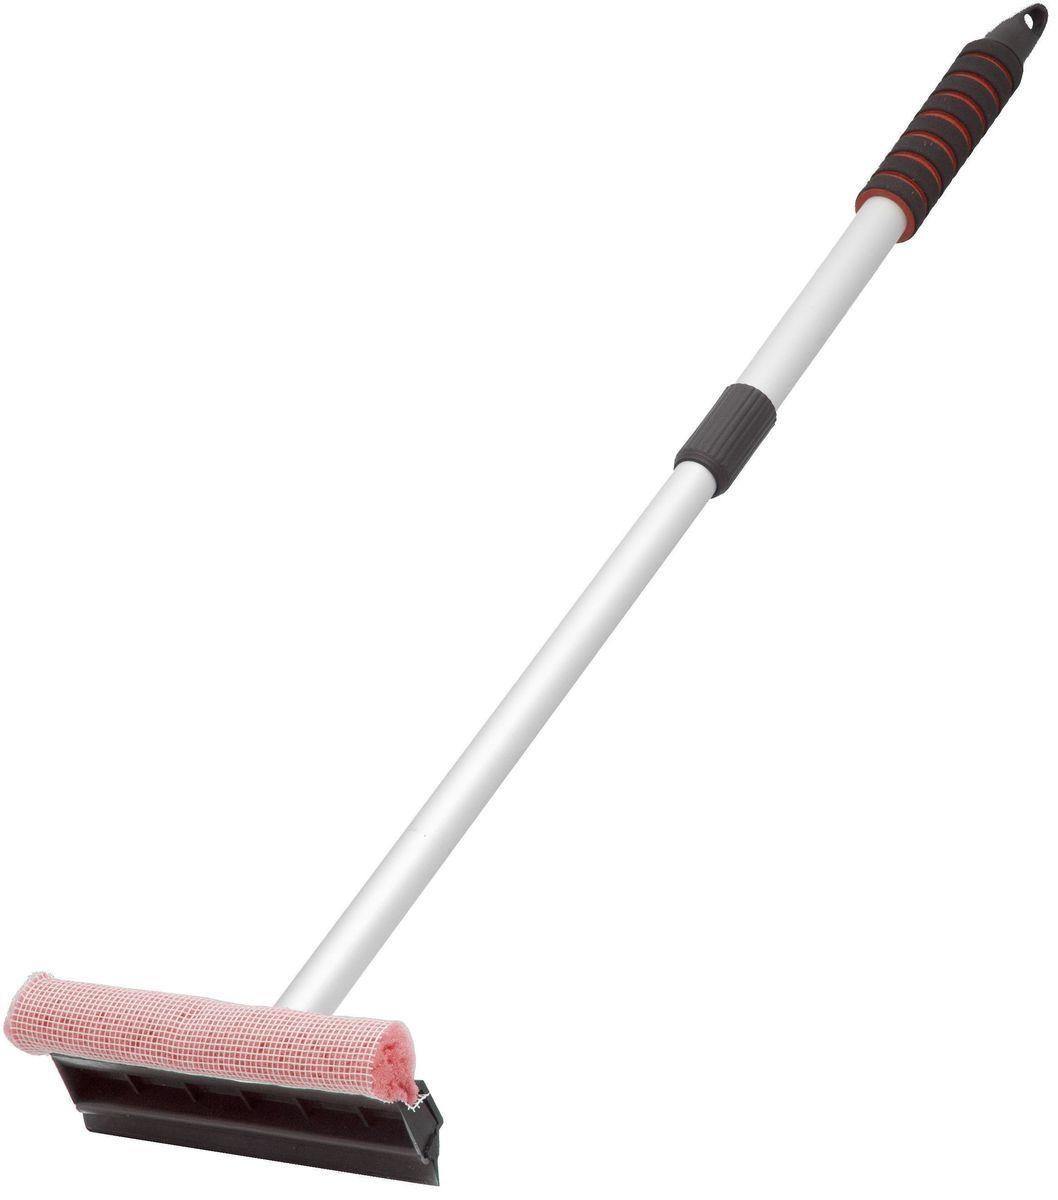 Водосгон Главдор, с телескопической ручкой, цвет: красный цена